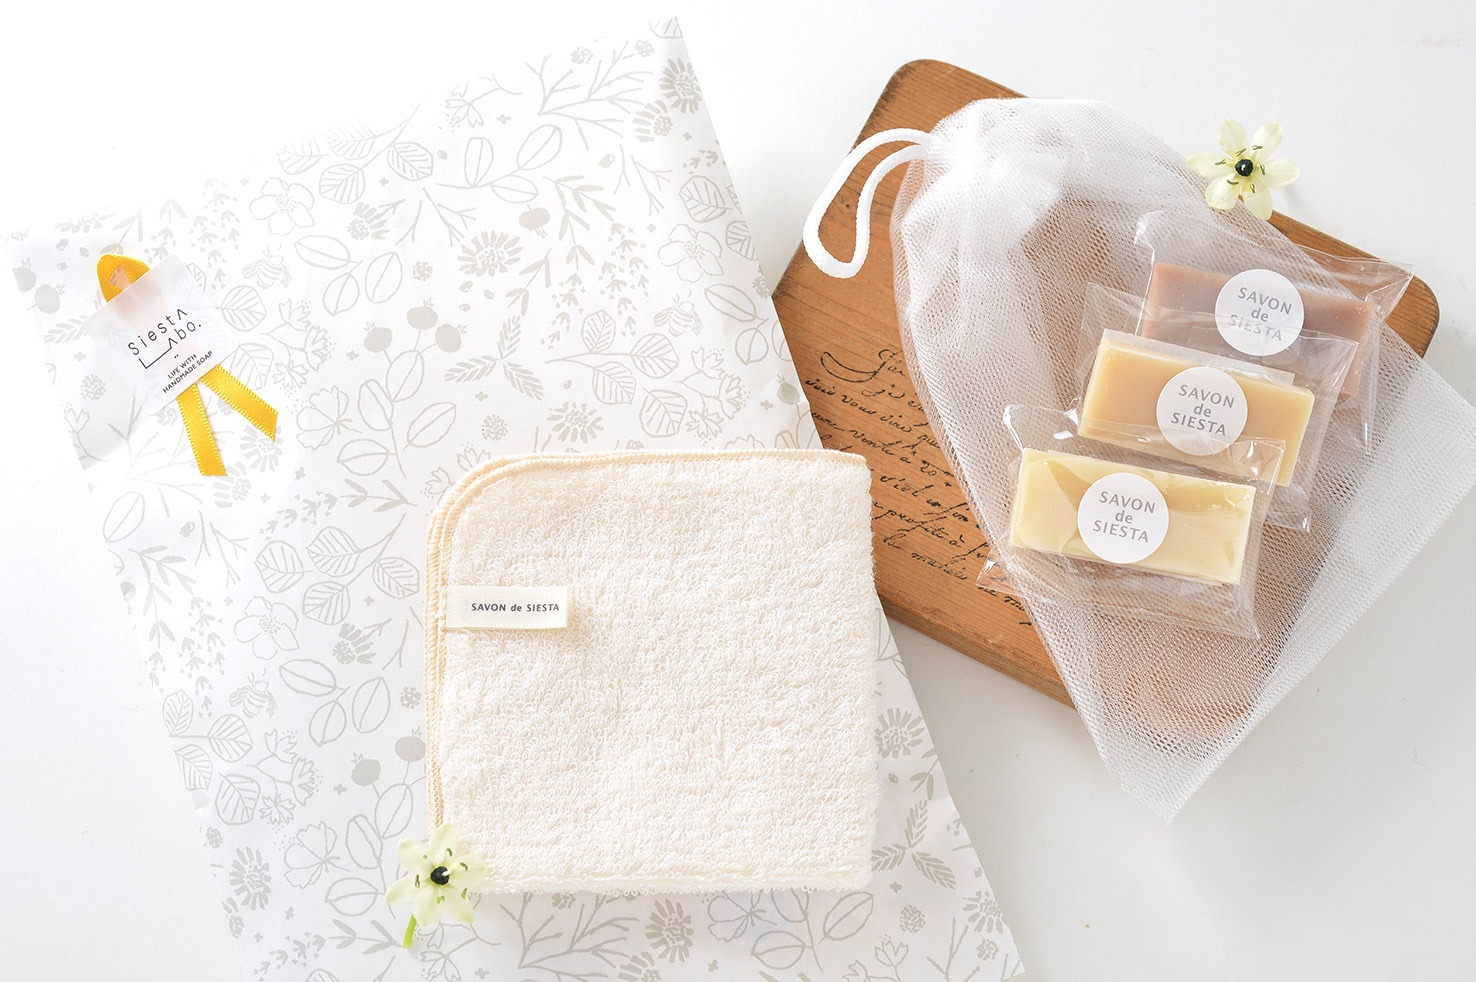 【使い比べギフト】プチ石鹸とハンカチタオル